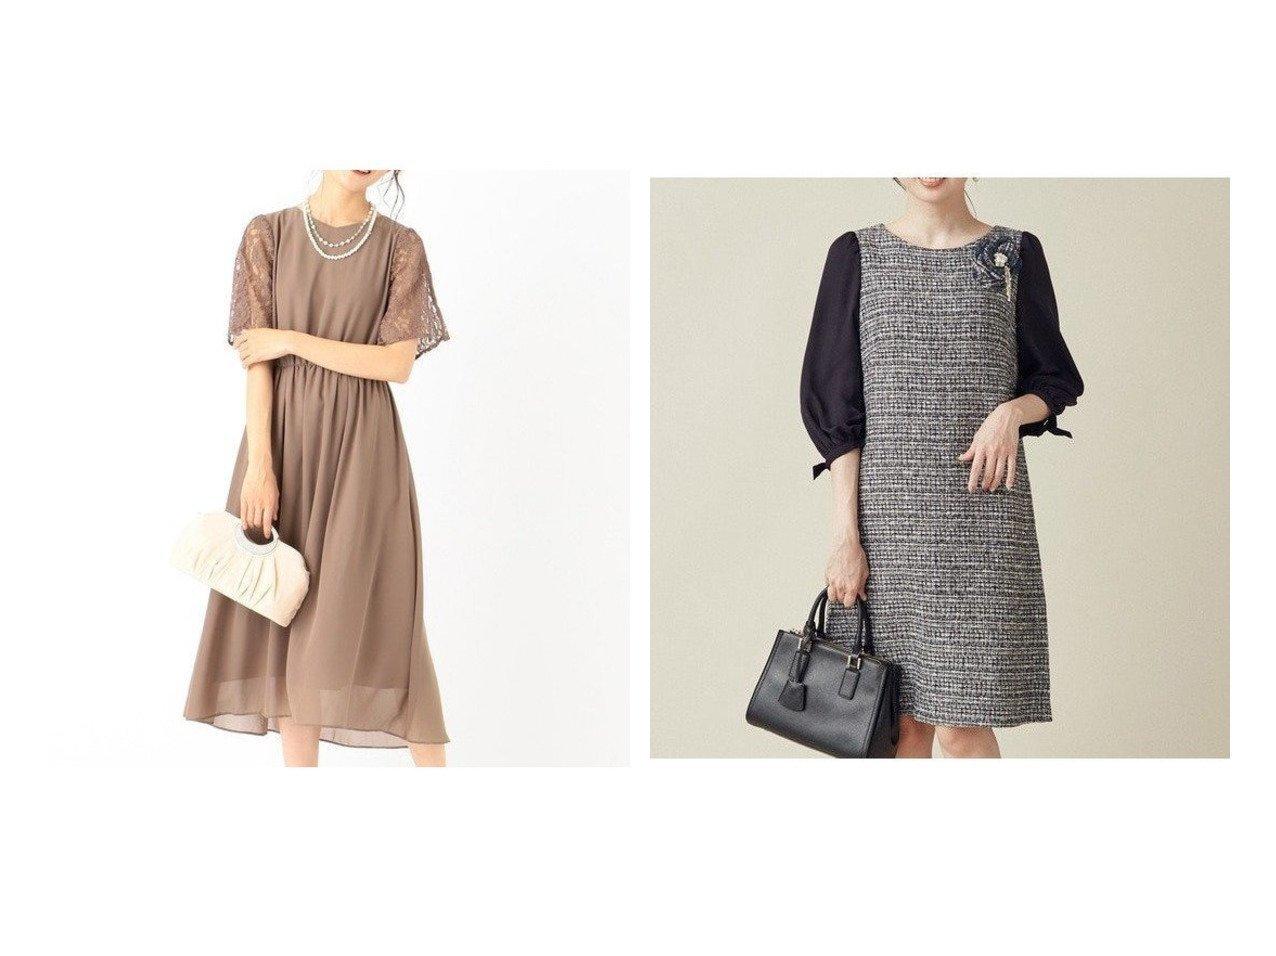 【any SiS/エニィ スィス】の【洗える】スリーブレースミディ ドレス&【KUMIKYOKU/組曲】の【セットアップ対応】ラメループモールツイード ワンピース ワンピース・ドレスのおすすめ!人気、トレンド・レディースファッションの通販 おすすめで人気の流行・トレンド、ファッションの通販商品 メンズファッション・キッズファッション・インテリア・家具・レディースファッション・服の通販 founy(ファニー) https://founy.com/ ファッション Fashion レディースファッション WOMEN ワンピース Dress ドレス Party Dresses オケージョン シフォン ジョーゼット ストレッチ スリット ドレス ラッセル レース コンビ ジャケット スリーブ セットアップ ツイード フォーマル ラグジュアリー ループ |ID:crp329100000009391